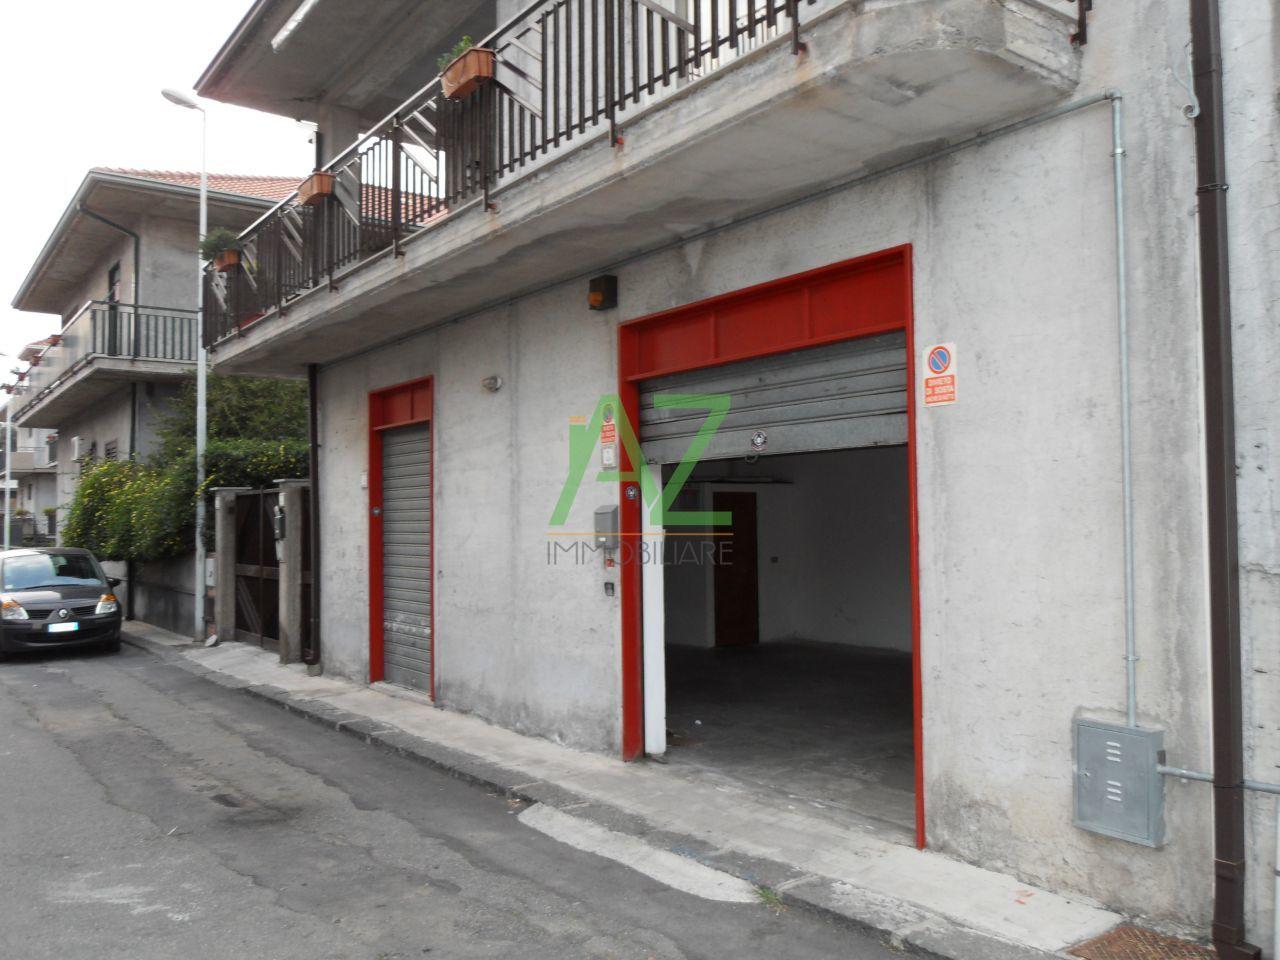 Magazzino in affitto a Belpasso, 1 locali, prezzo € 250 | Cambio Casa.it